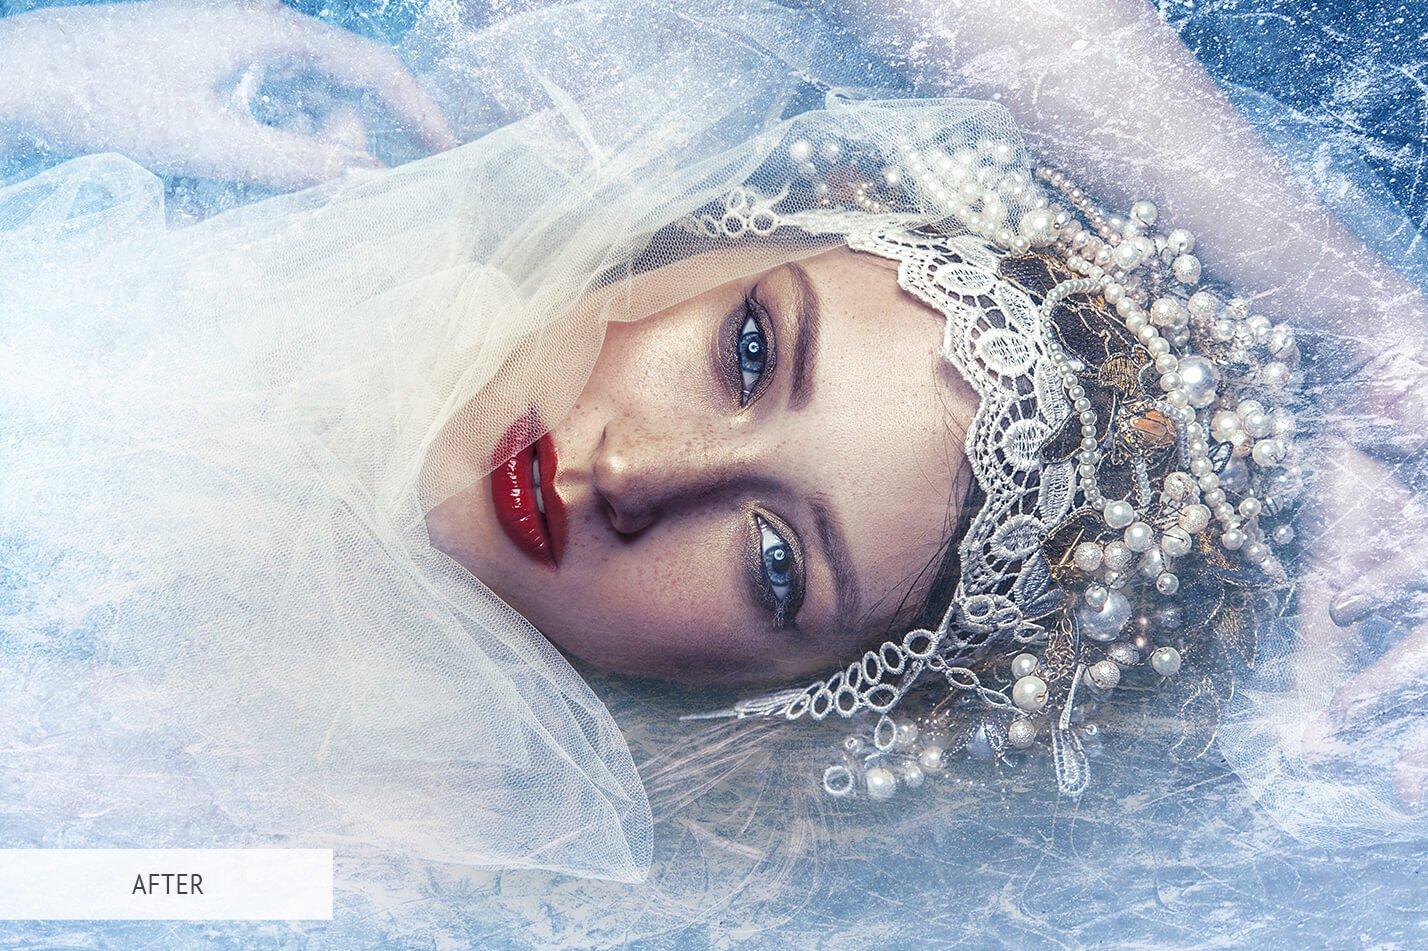 30款高清冬季冰雪PS叠加层背景图片素材 Ice Photoshop Overlays插图(10)